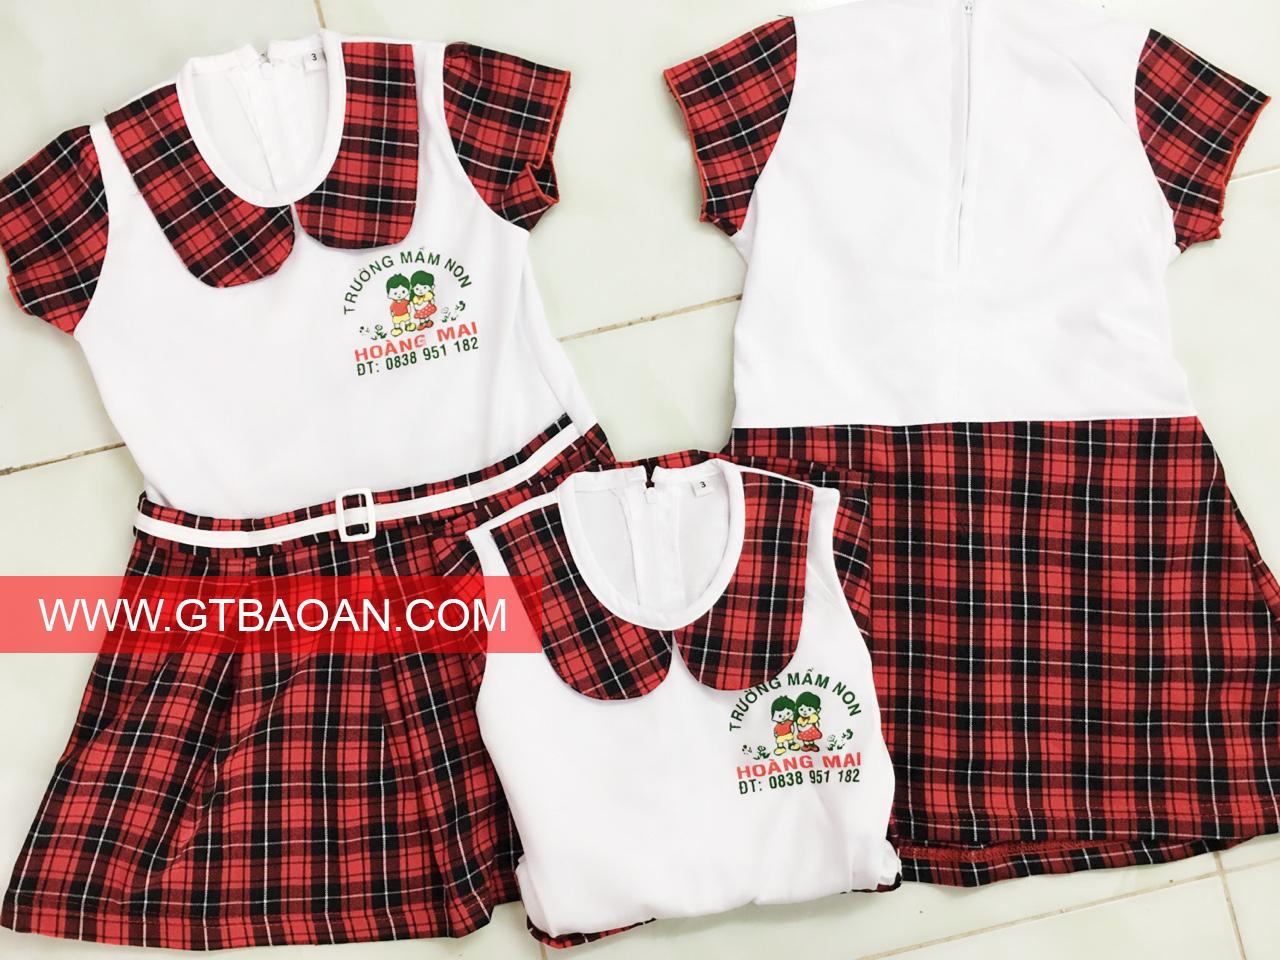 Đồng phục mầm non trường mẫu giáo hoàng mai